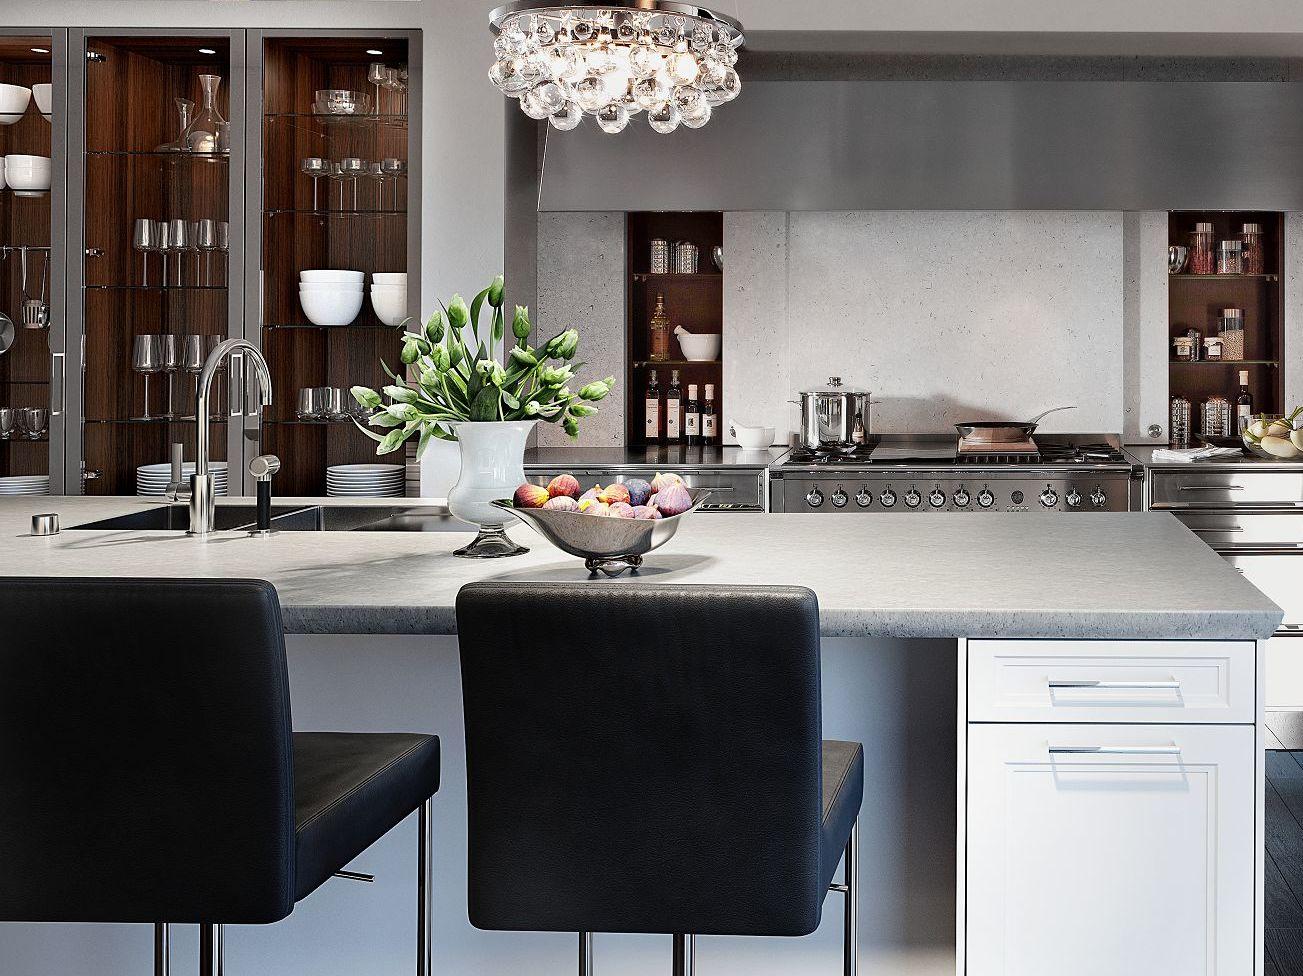 SieMatic Classic BeauxArts S2 in lotusweiß und nickel mit exklusiver SteinDesign Küchenarbeitsplatte.